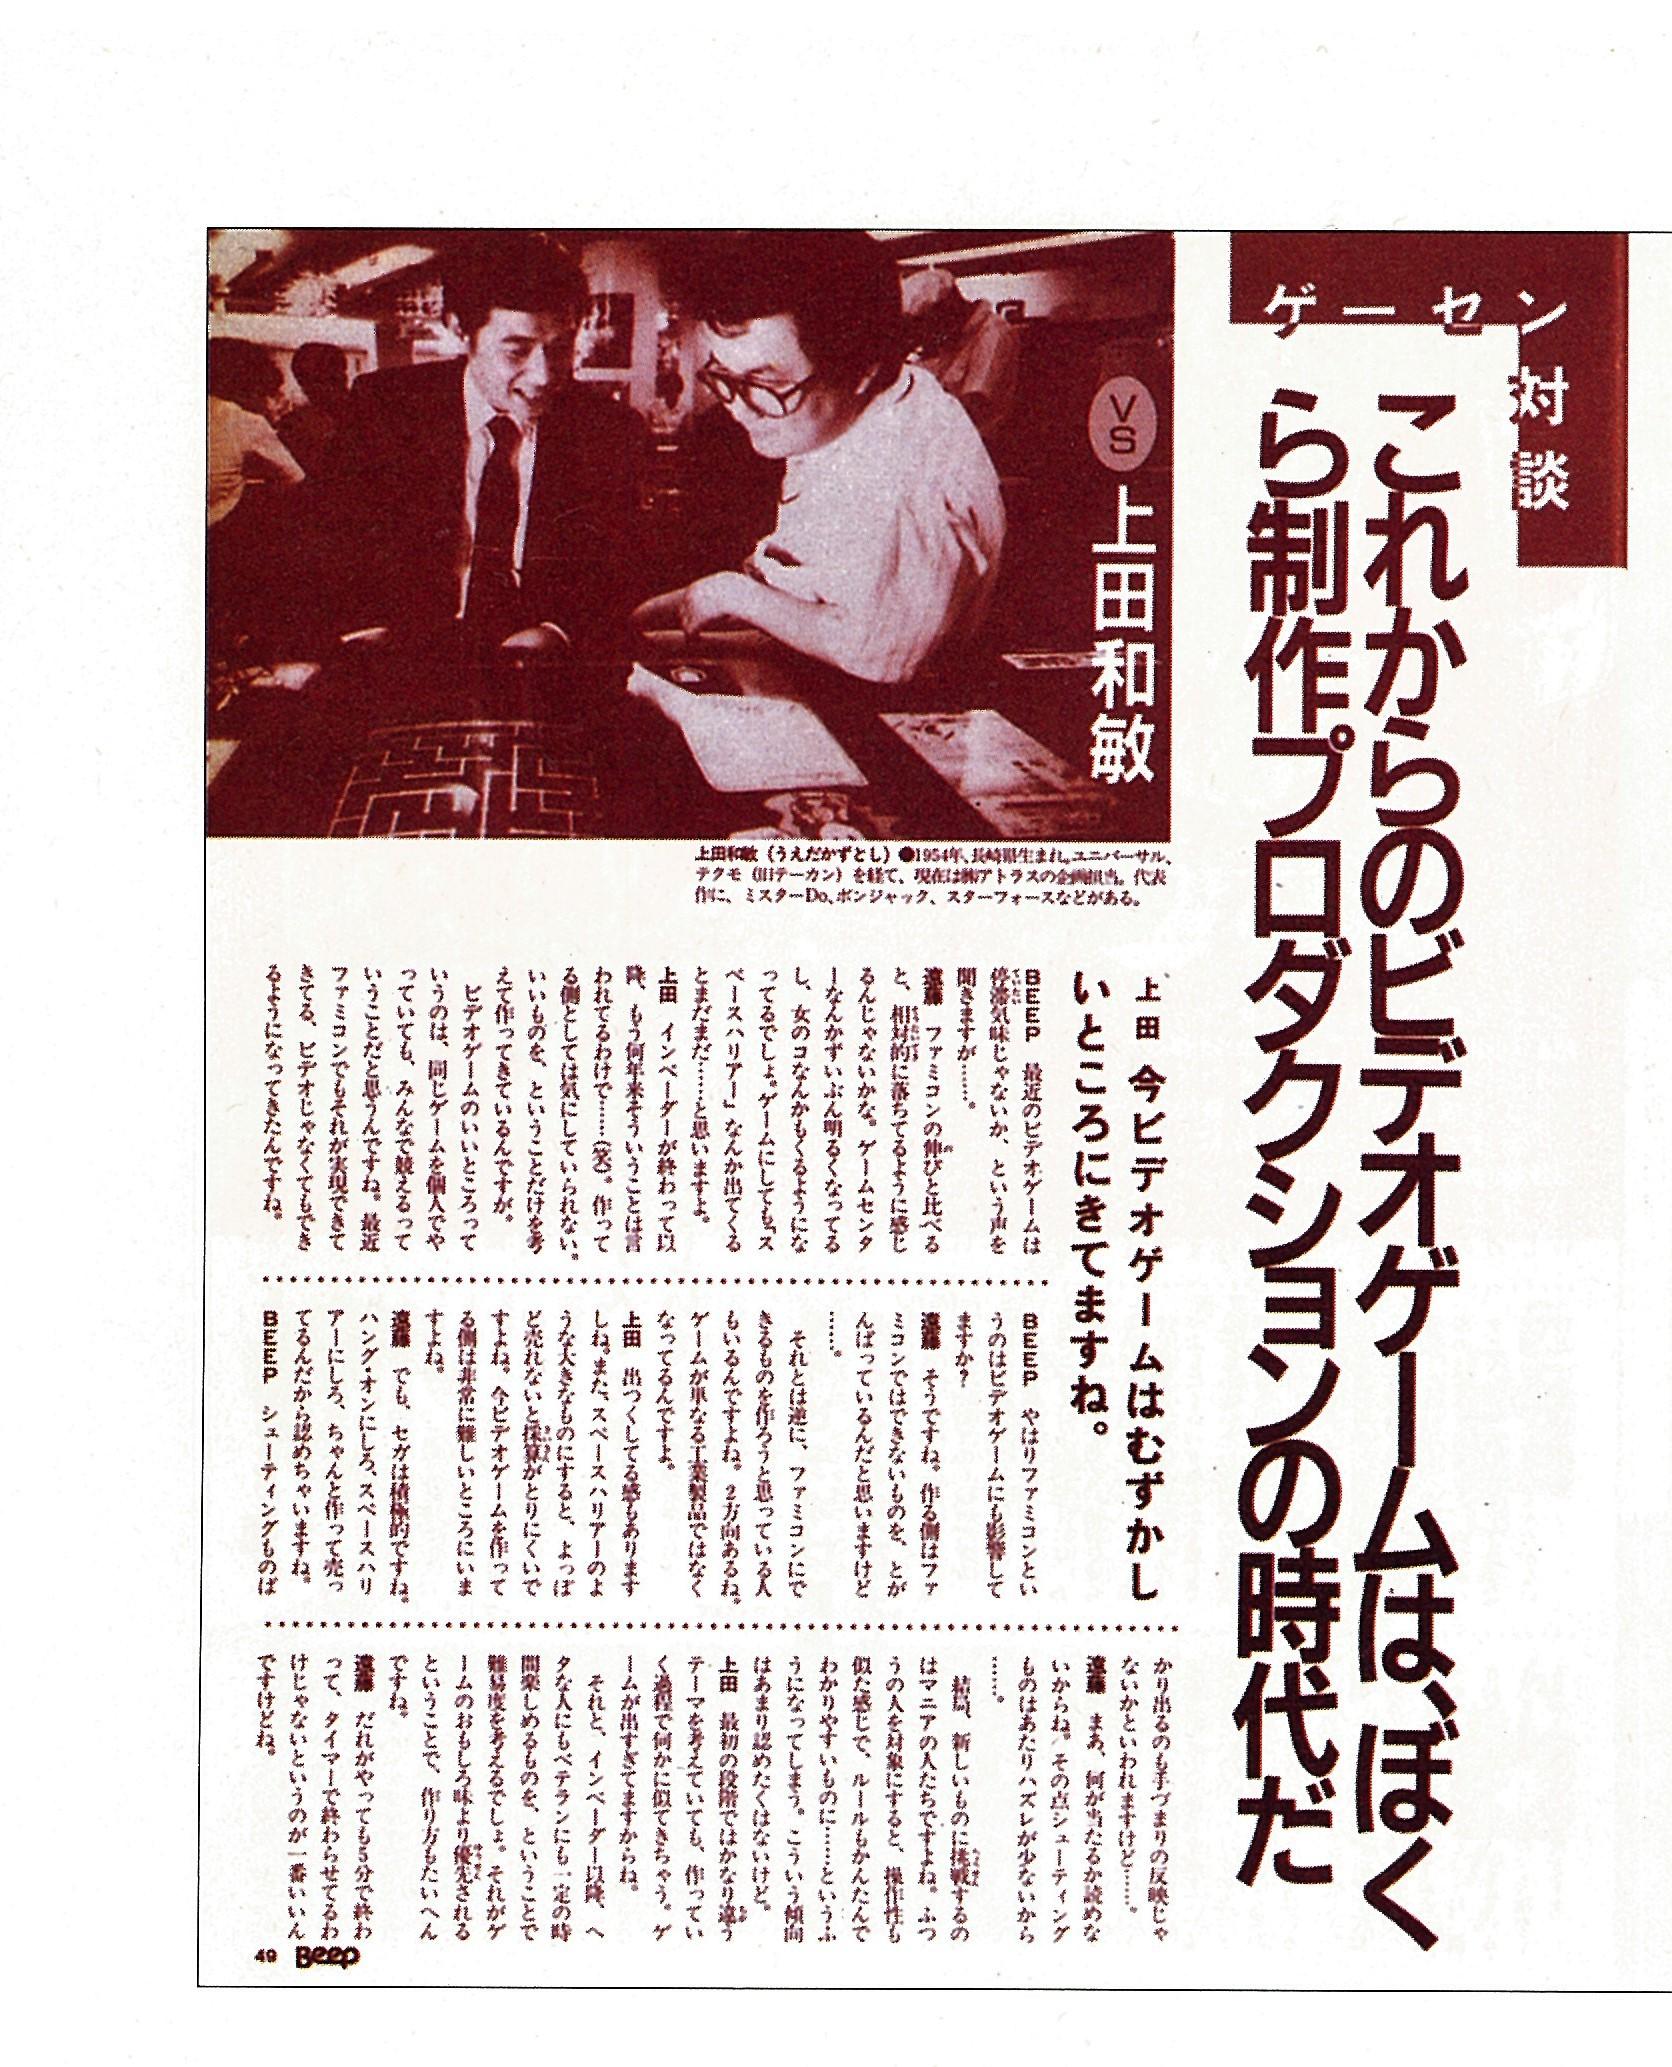 伝説のゲームデザイナー・上田和敏氏×遠藤雅伸氏ダブルインタビュー 中編  IGCC